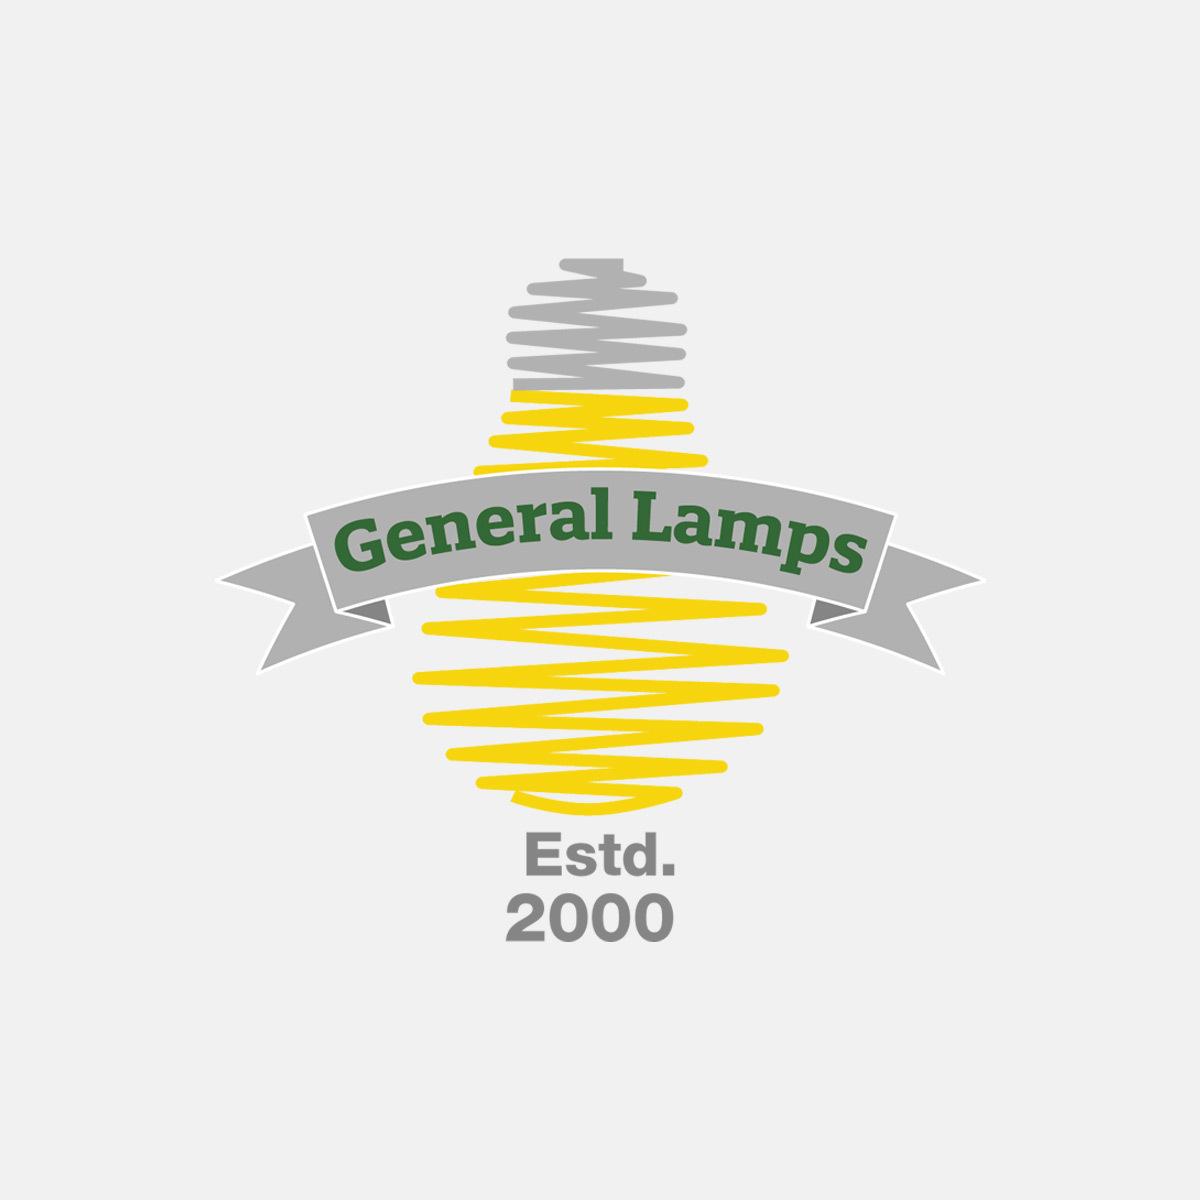 Theatre Lamp T29 FWT 240V 1200W GX9.5